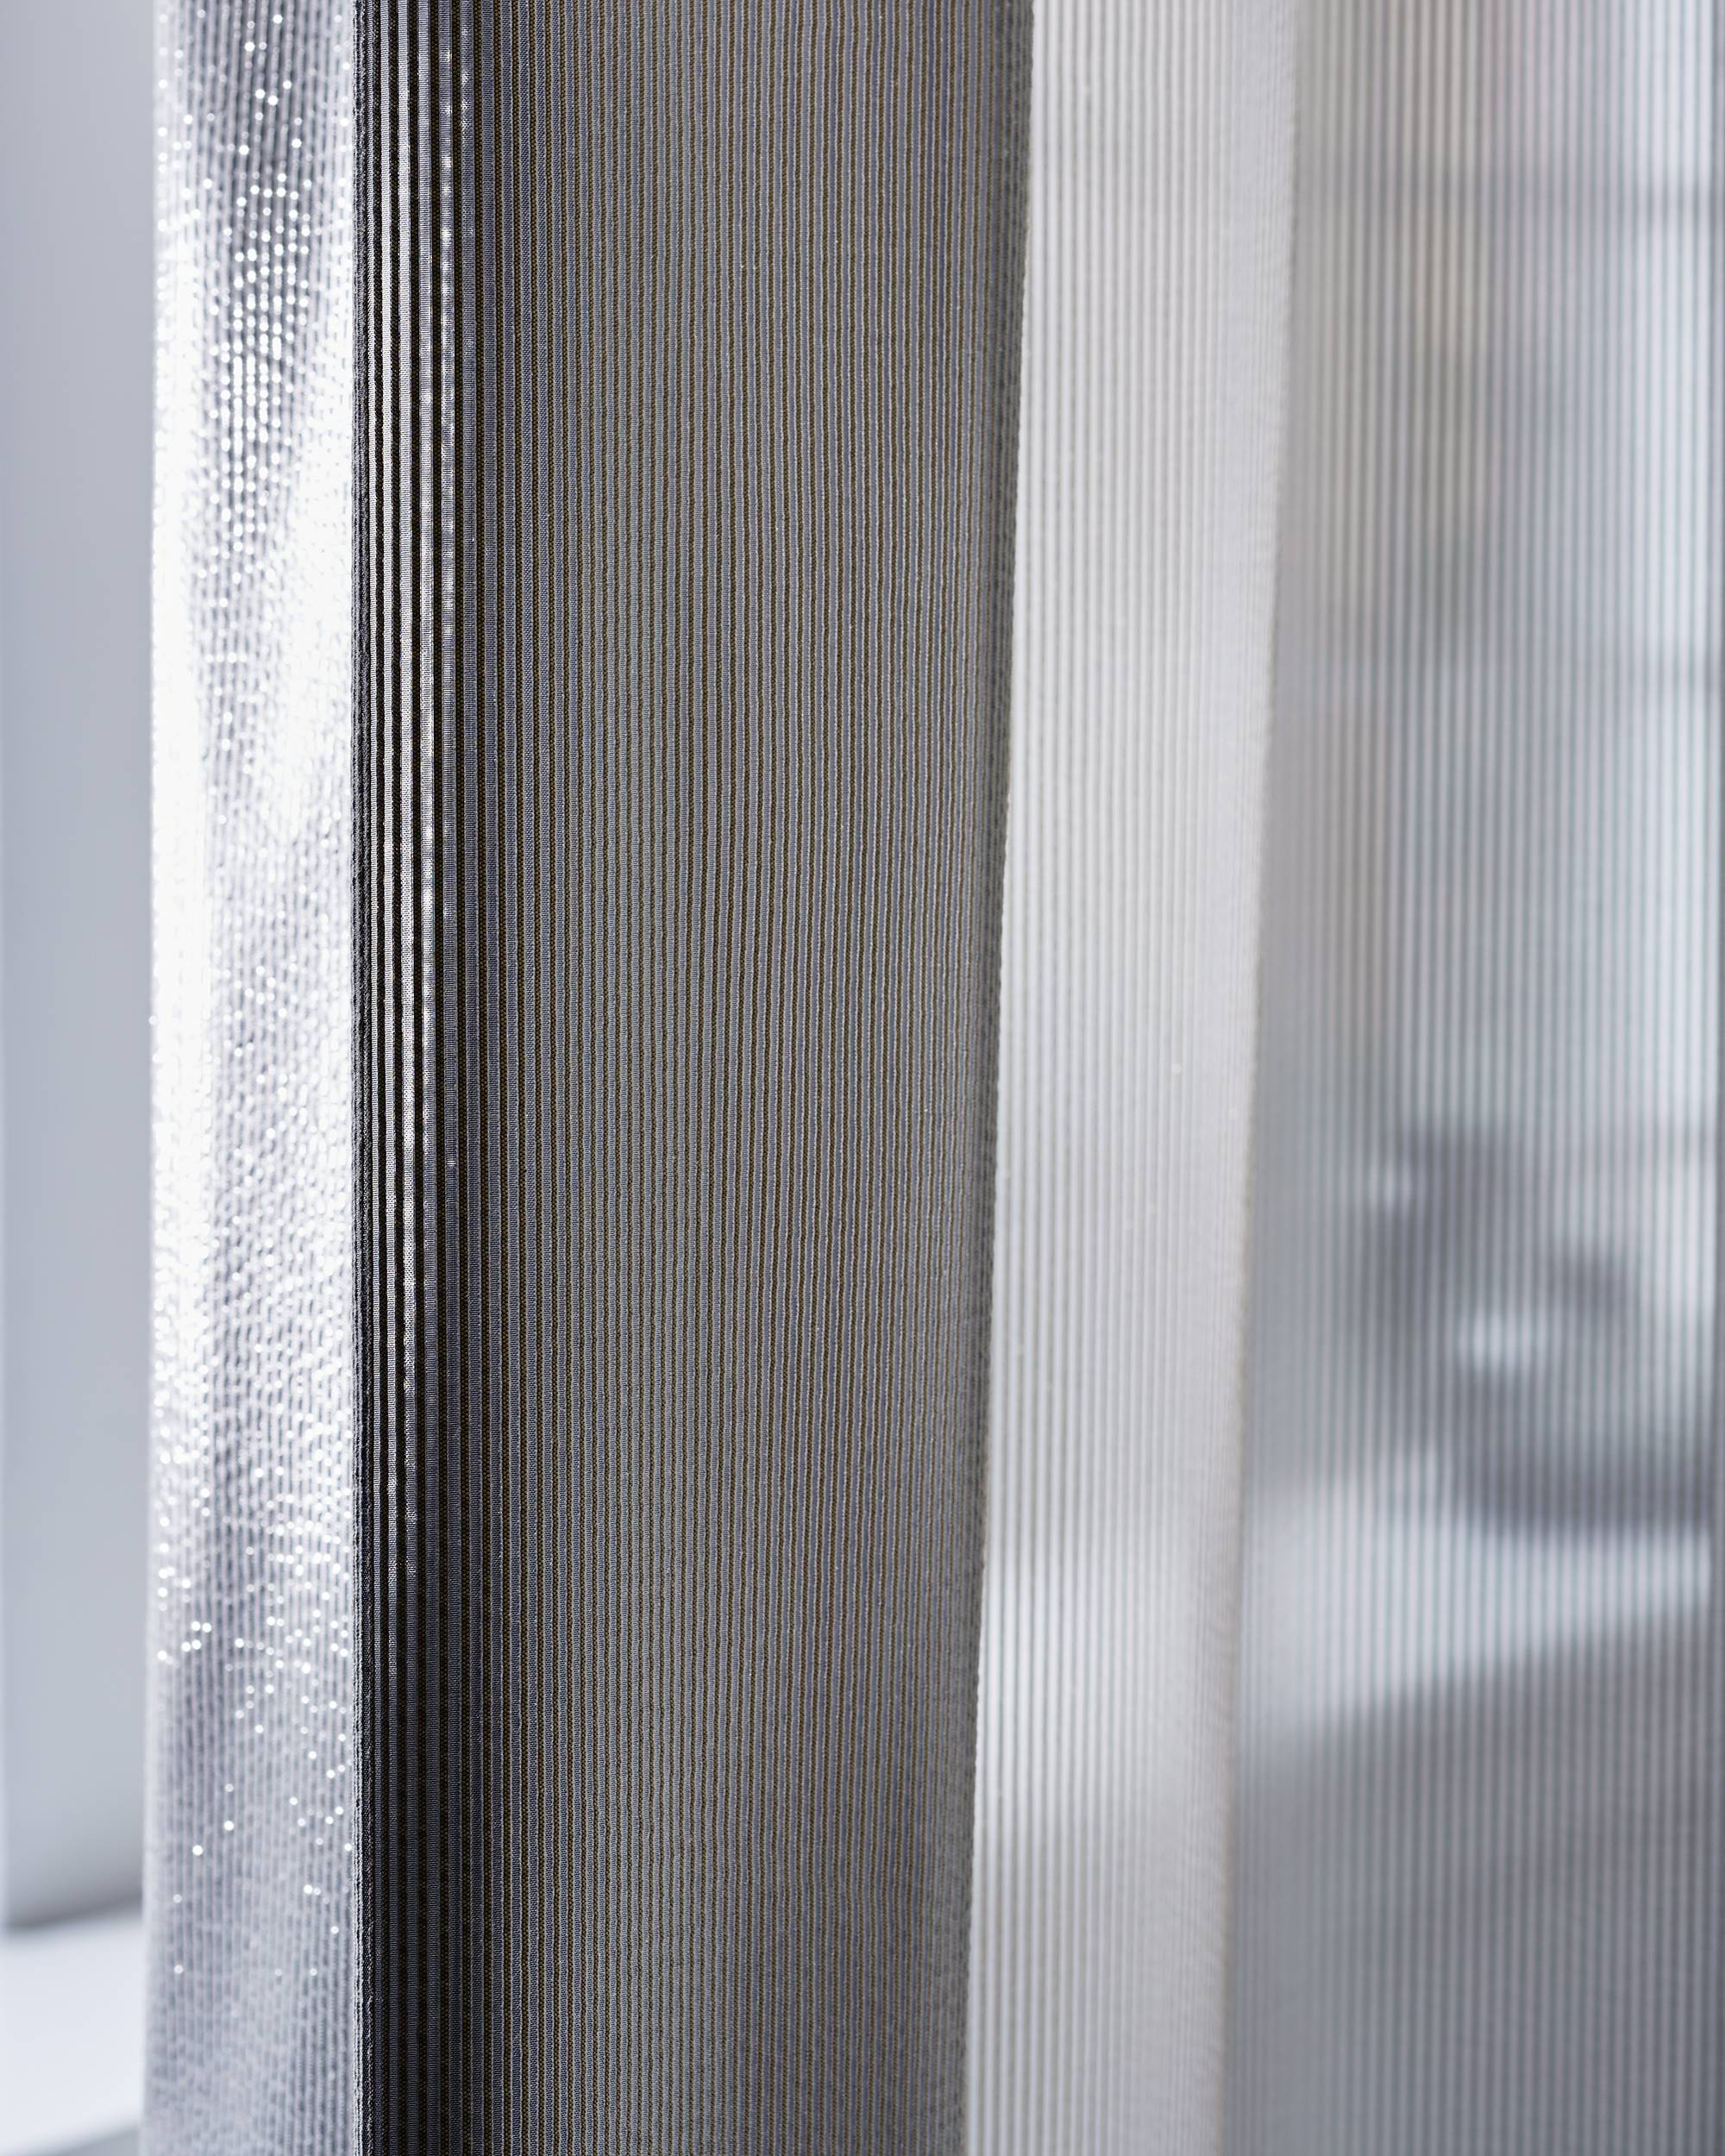 Möbel TAUSCH - einrichten - Vorhang